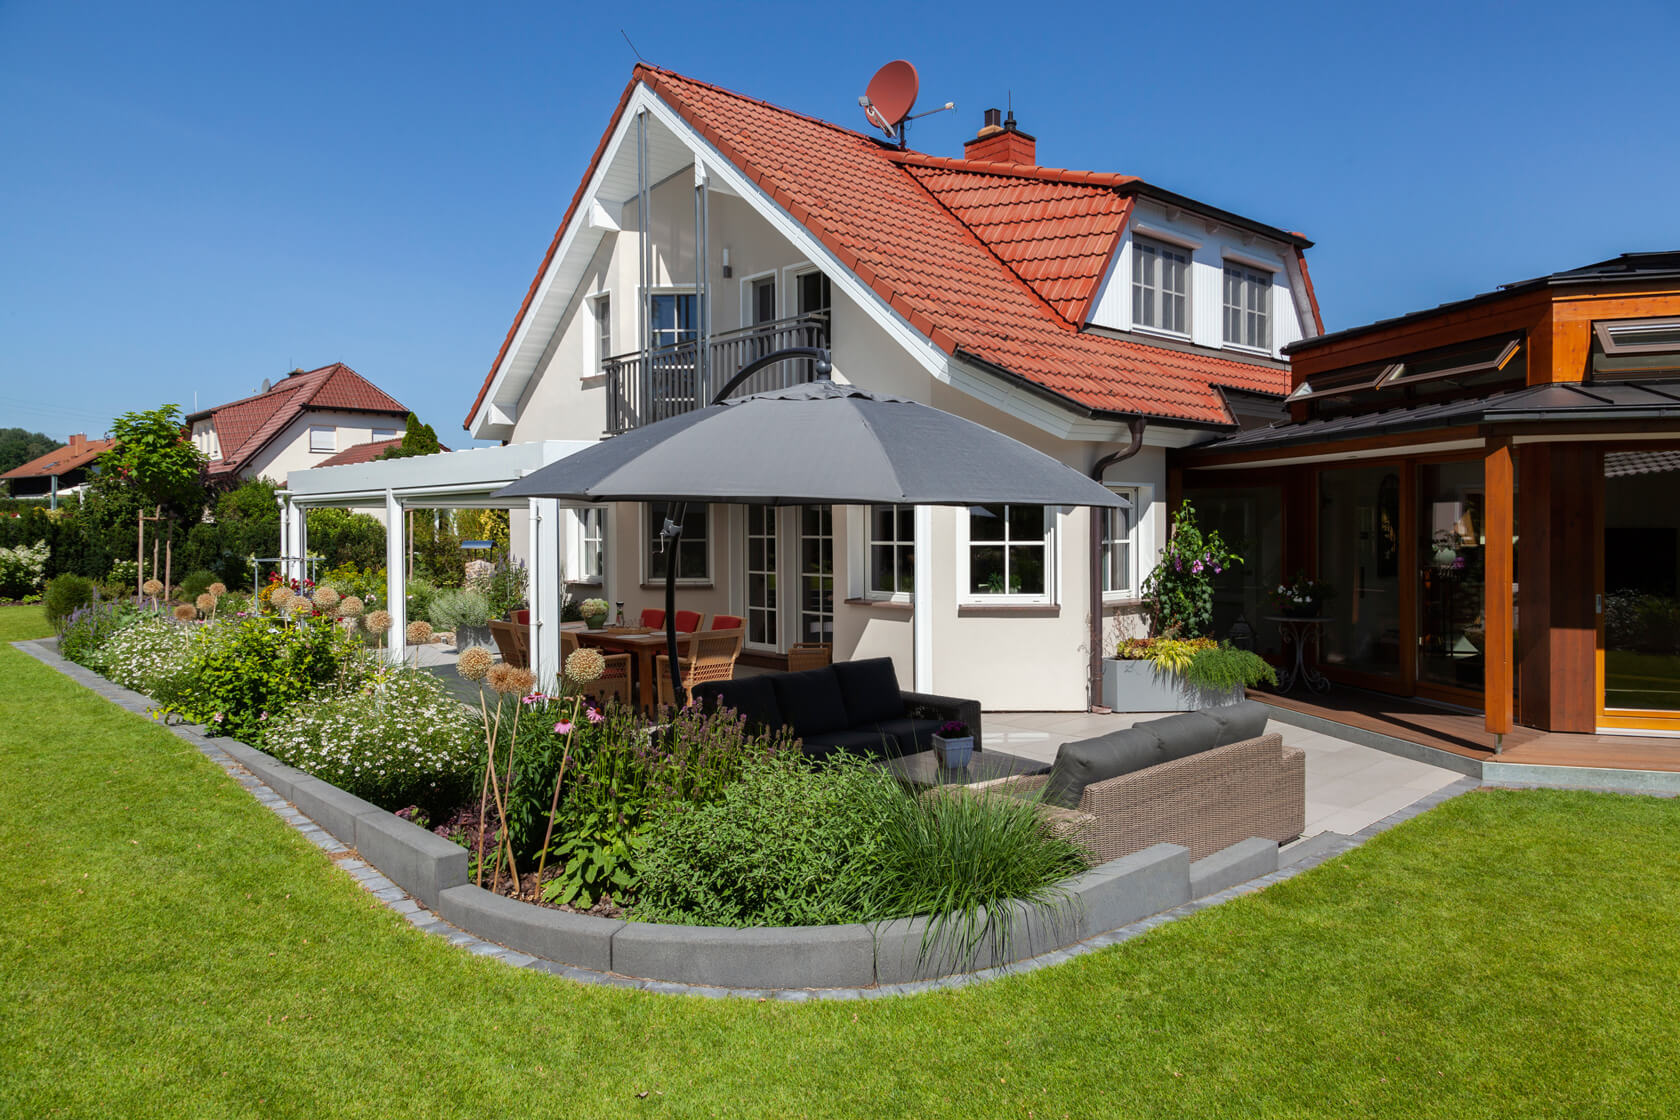 Blick auf die Terrasse und das Haus von der Wiese aus. Ein Blumenbeet grenzt Rasen und Sitzbereich voneinander ab.